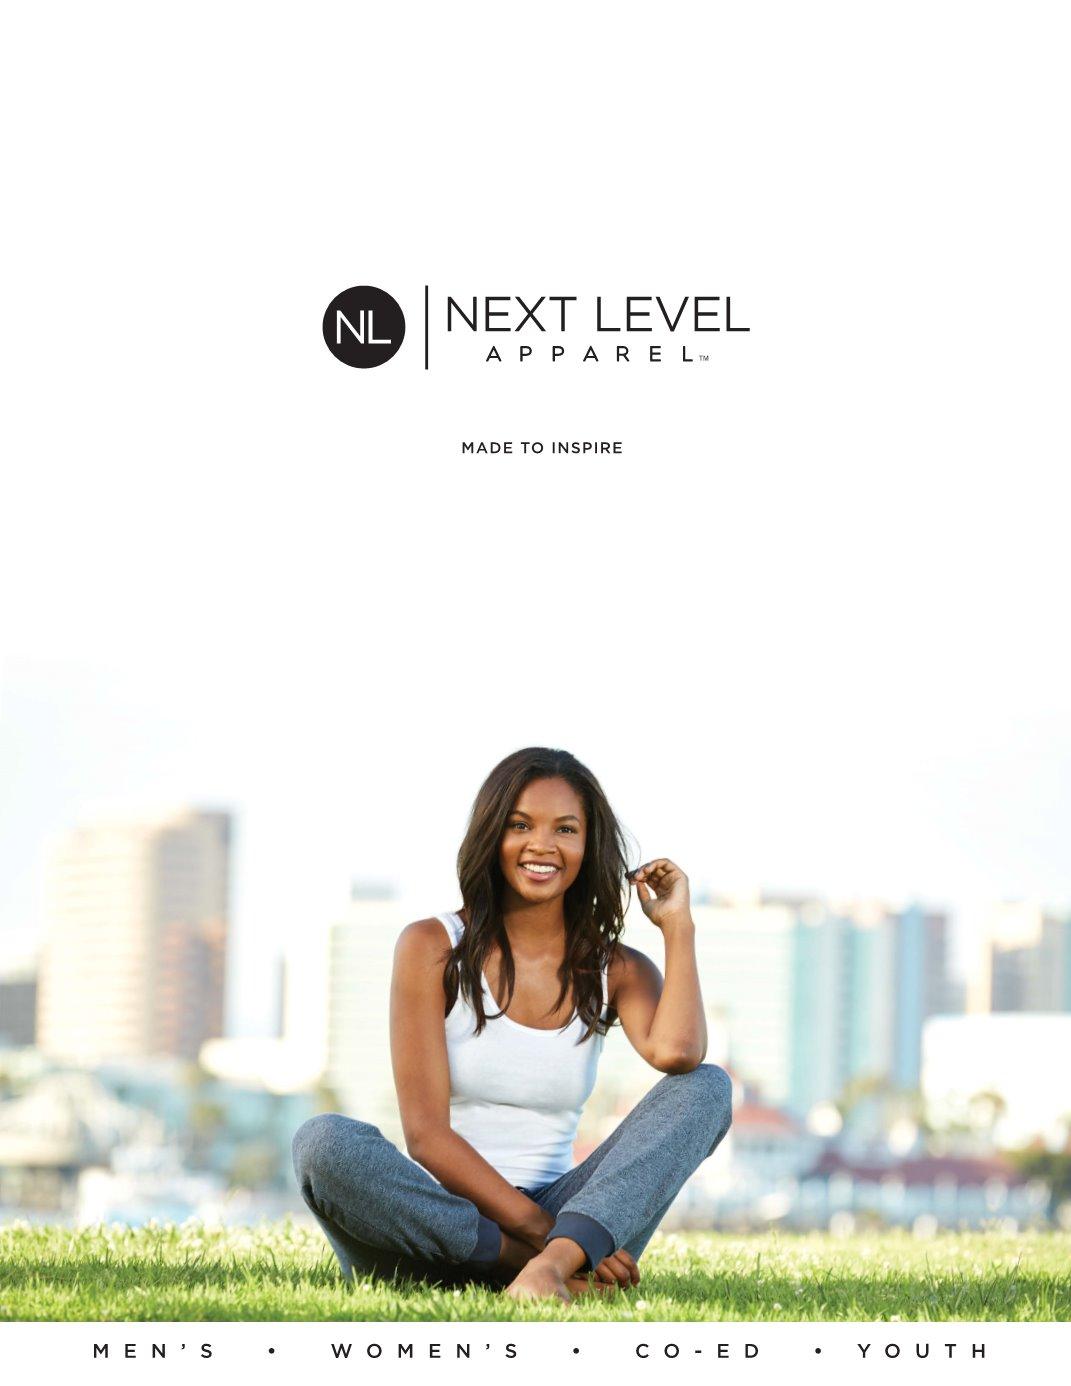 e16c8707e 2017 Next Level Apparel Catalog